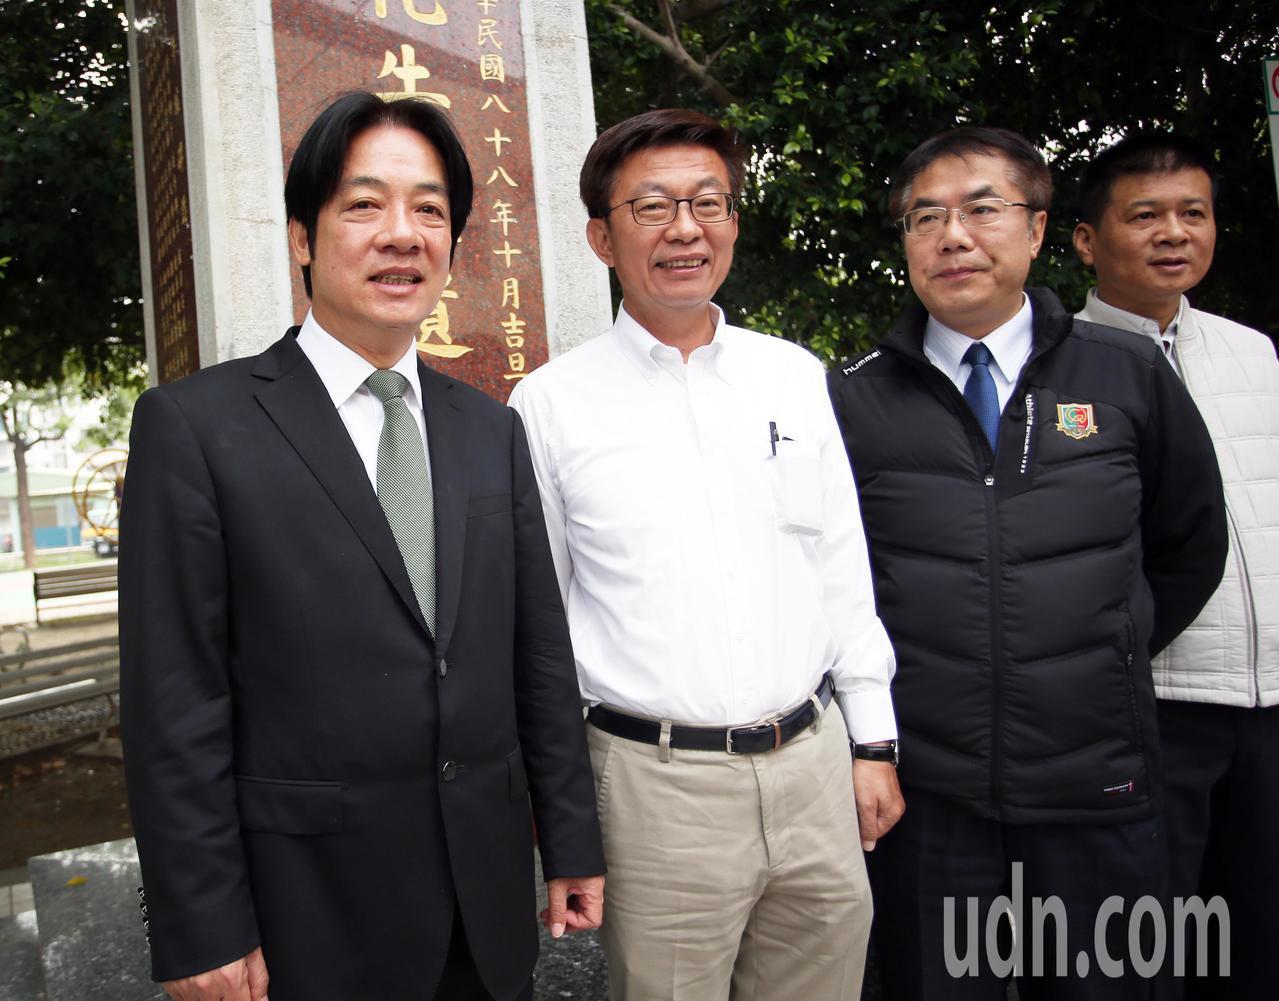 行政院前院長賴清德(左)與台南市長黃偉哲(右二)陪同民進黨提名的立委補選候選人郭...